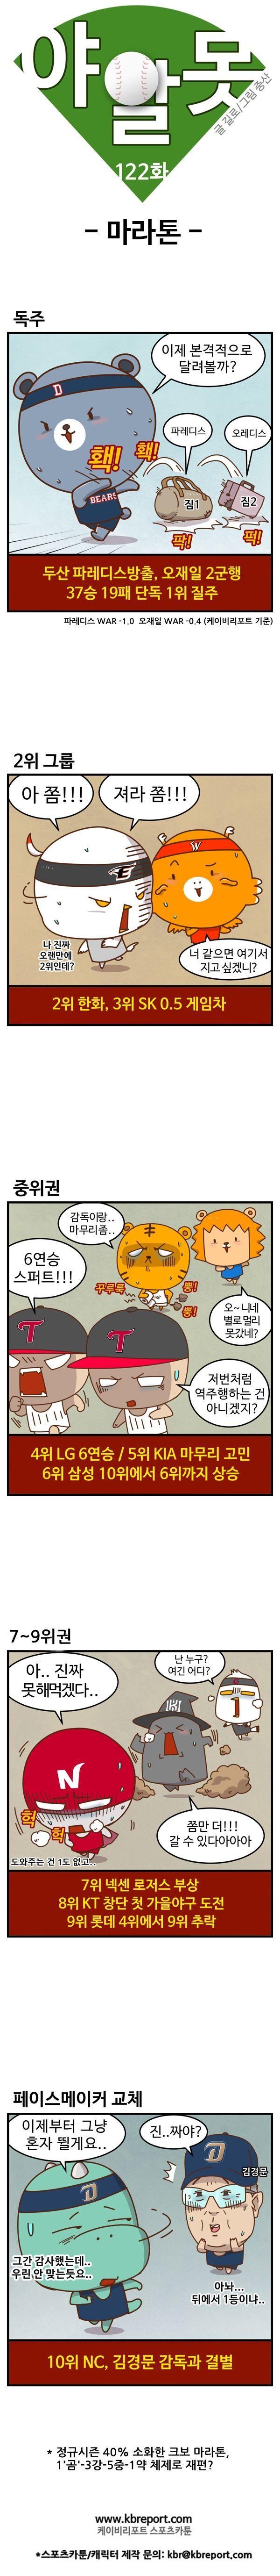 출처: [야구카툰] 야알못: 크보마라톤, 1곰-3강-5중-1약?